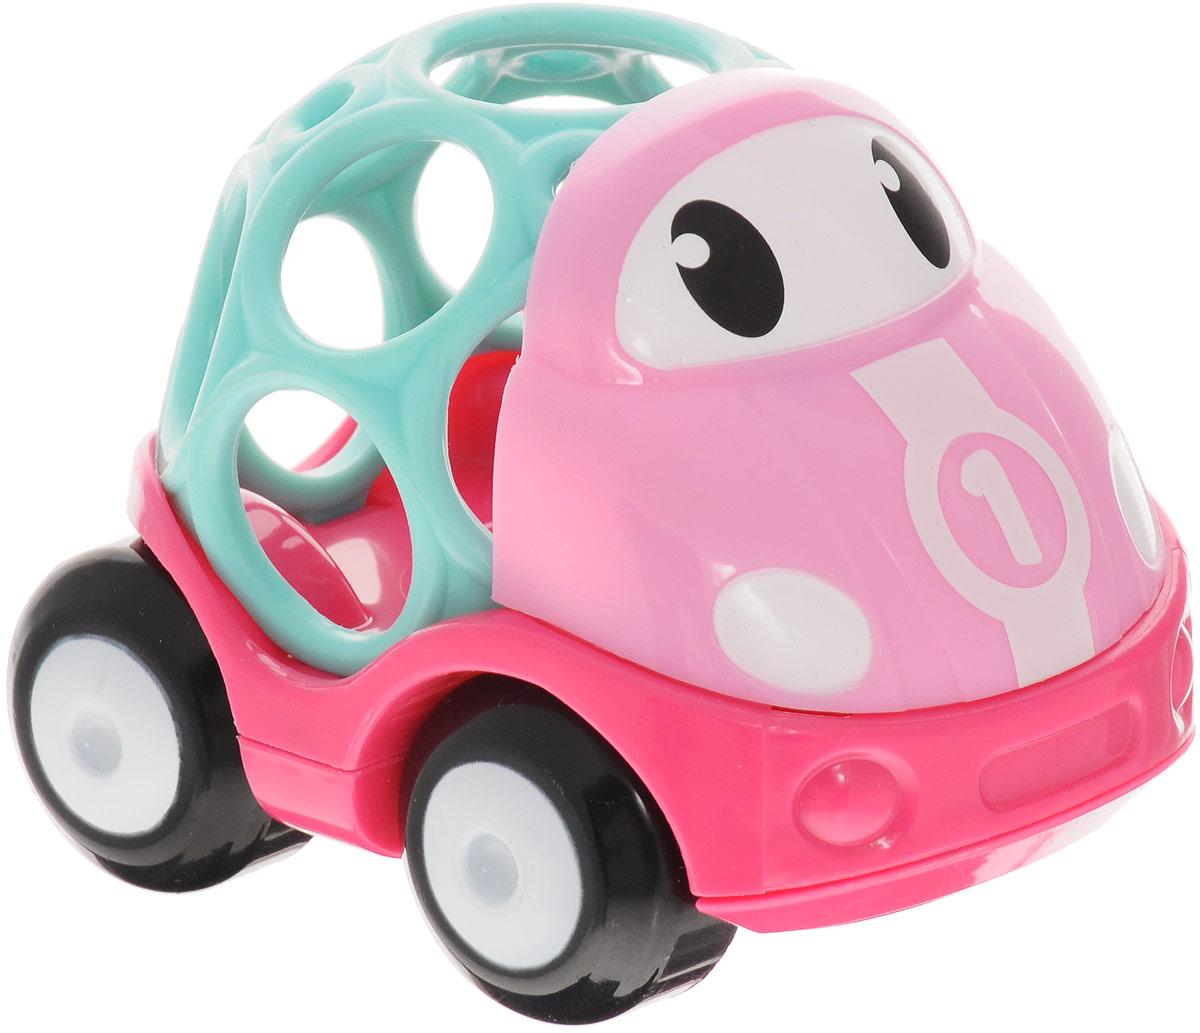 Oball Машинка гоночная цвет розовый10311-6Гоночная машинка Oball из серии Только вперед! представлена в виде развивающей игрушки для малышей. Кузов машинки выполнен в форме шара с большими отверстиями, которые ребенку будет интересно исследовать любопытными пальчиками. У машинки с забавными глазками подвижные большие колеса, поэтому малыш с легкостью будет катать игрушку по любым гладким поверхностям. Машина изготовлена из прочного пластика ярких расцветок и совместима с другими игрушками серии Только вперед!, которые приобретаются отдельно.